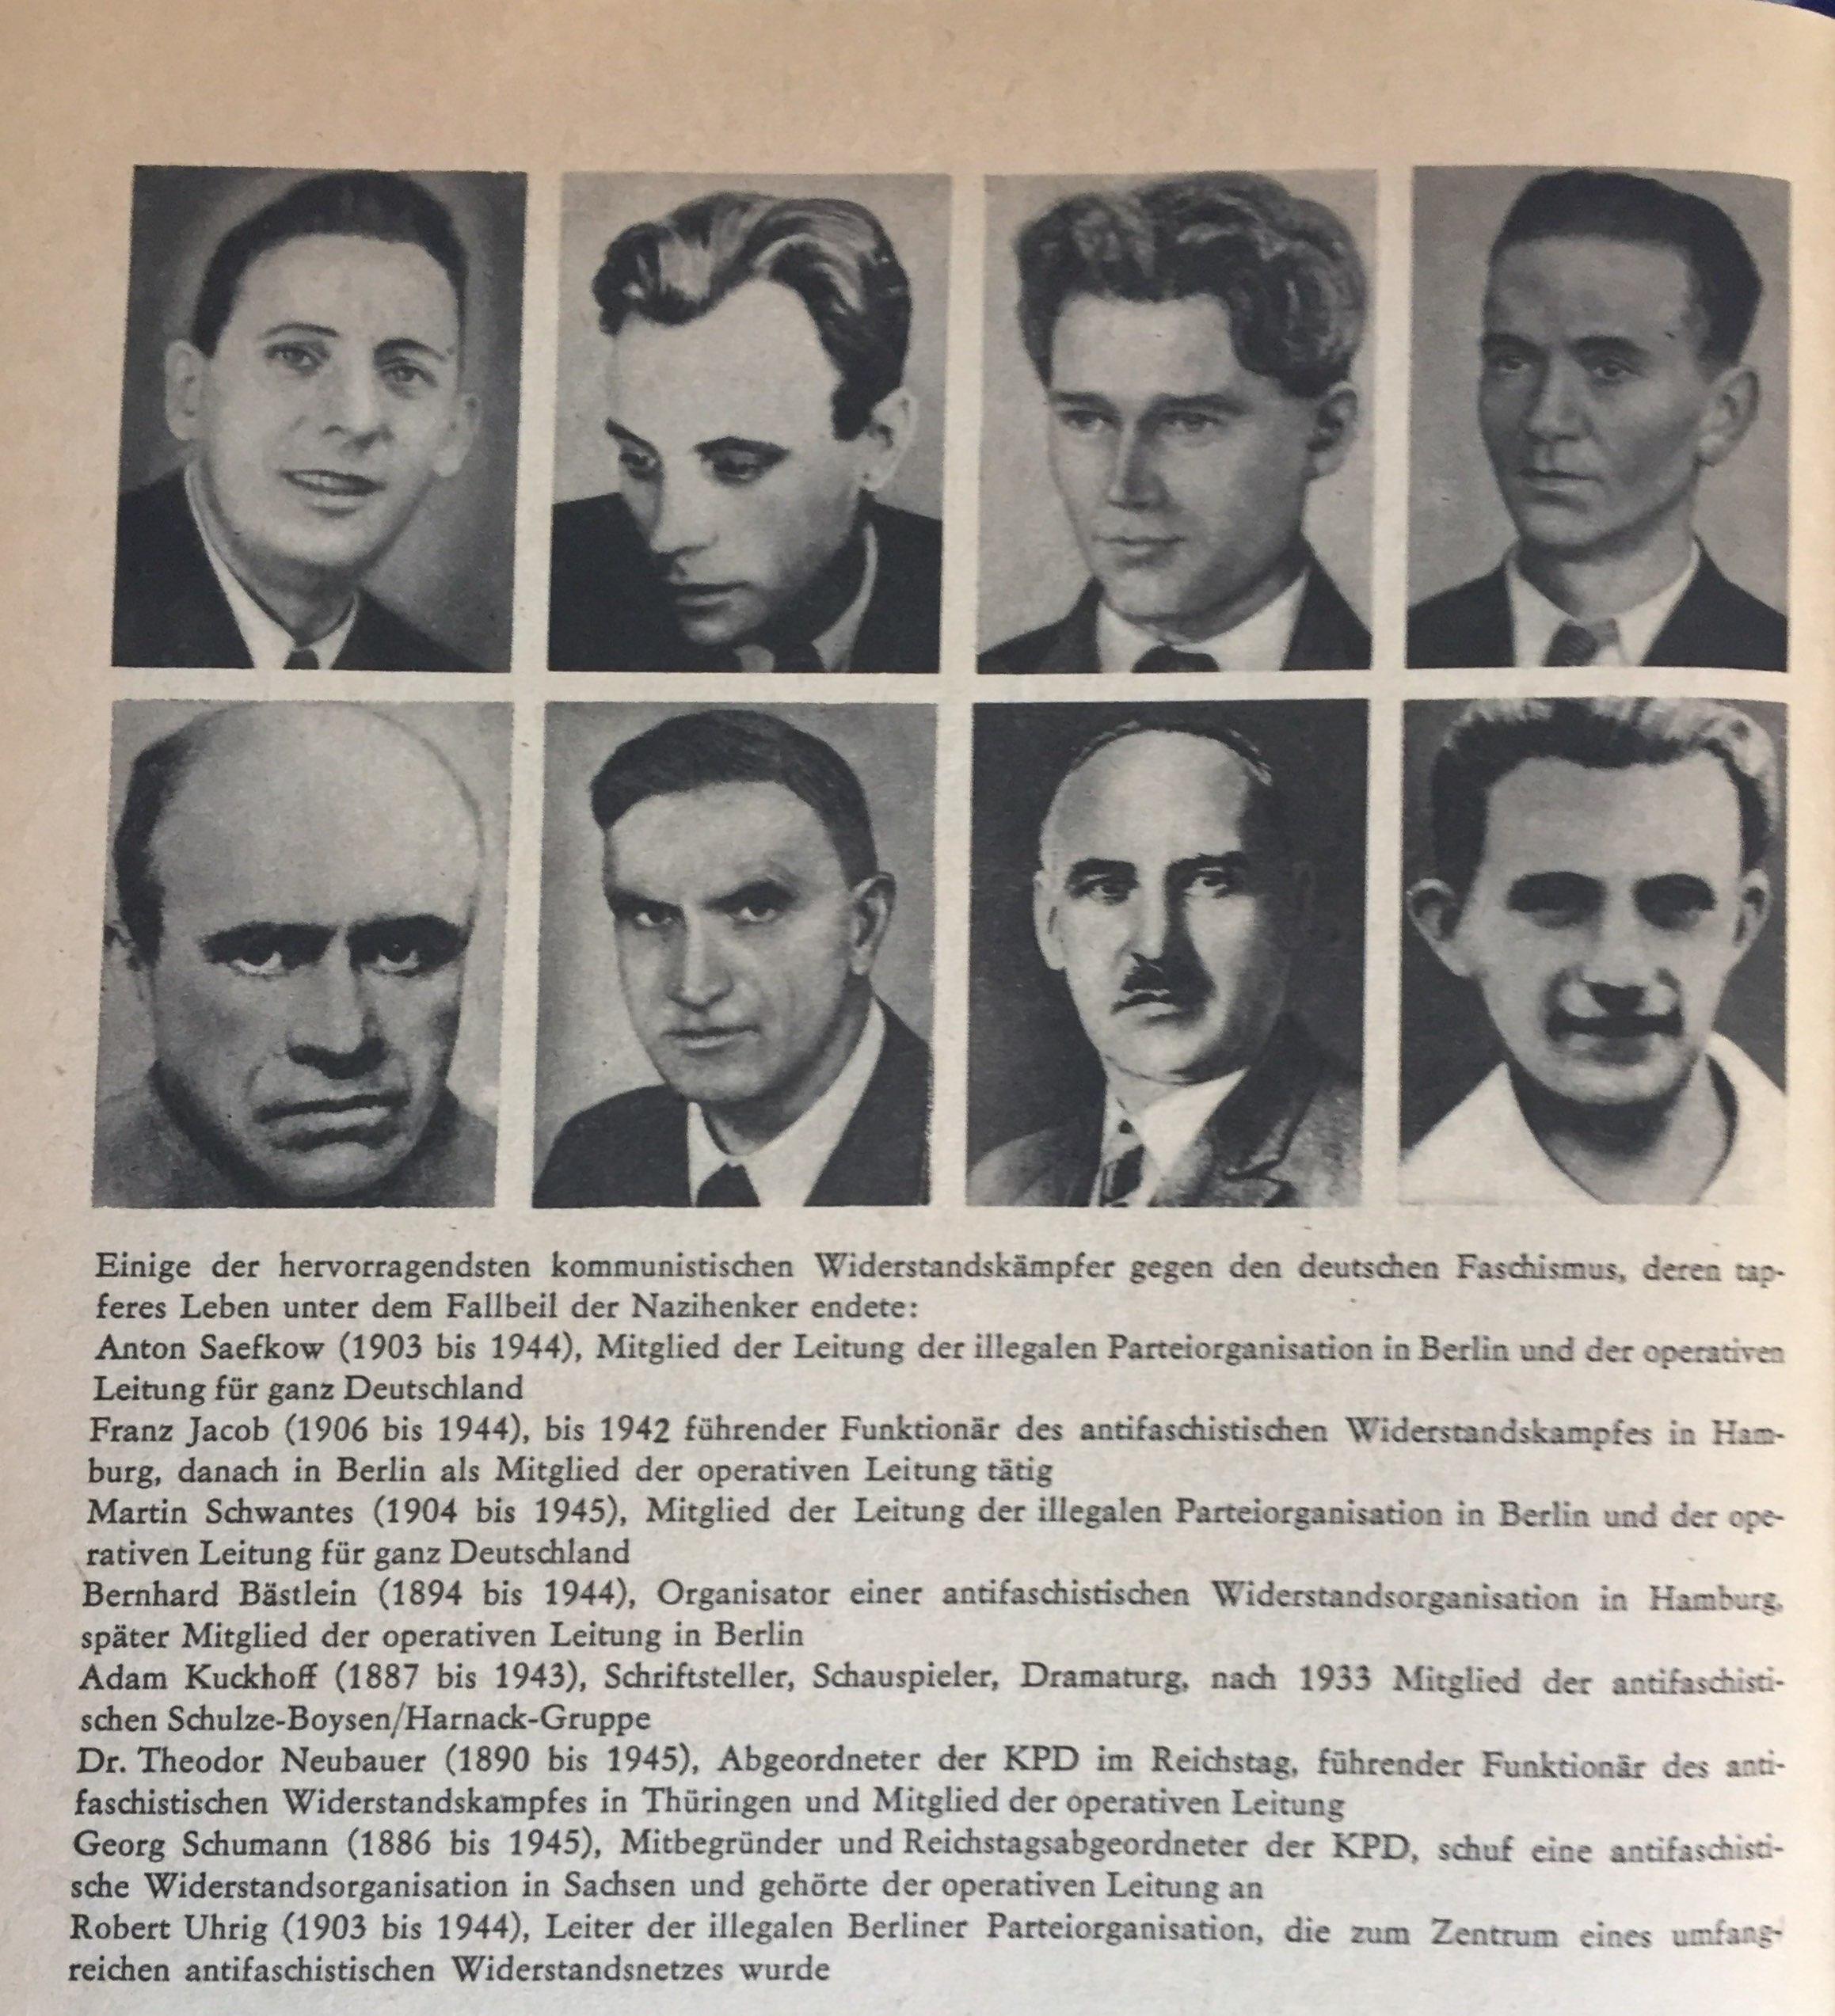 """Die Gründung des Nationalkomitees """"Freies Deutschland"""" und der antifaschistische Widerstandskampf in Deutschland"""